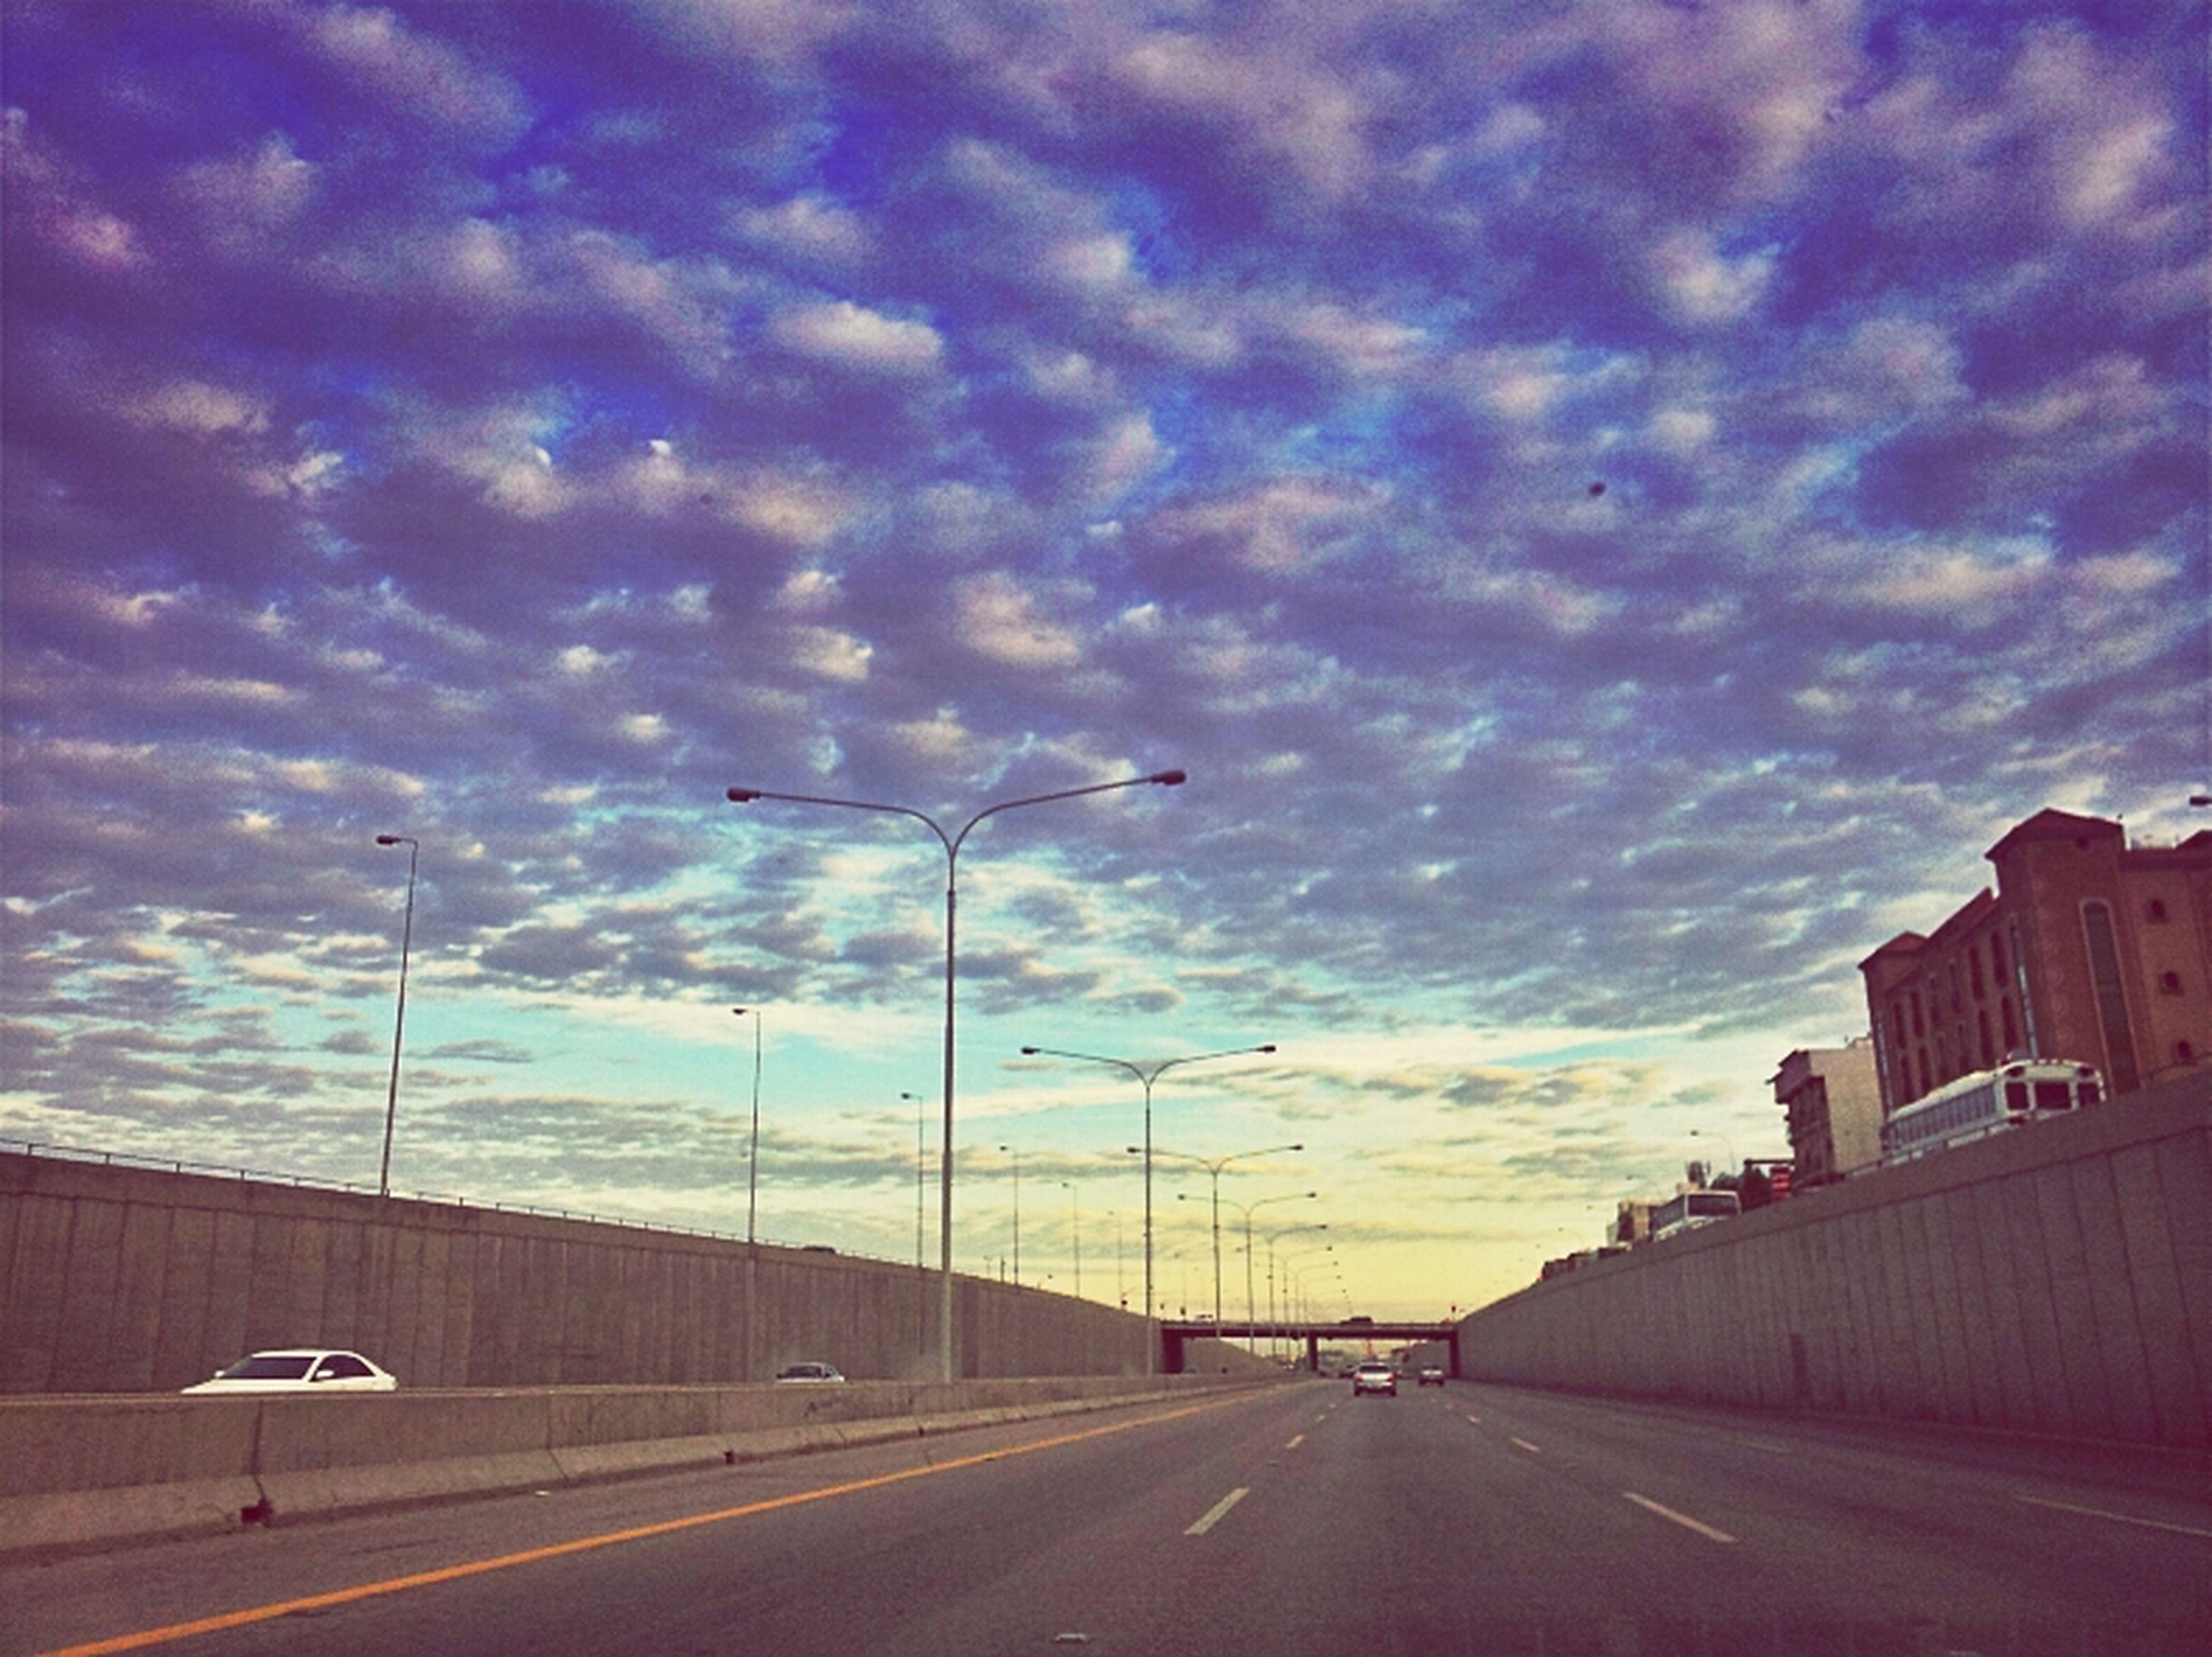 #rode #highway